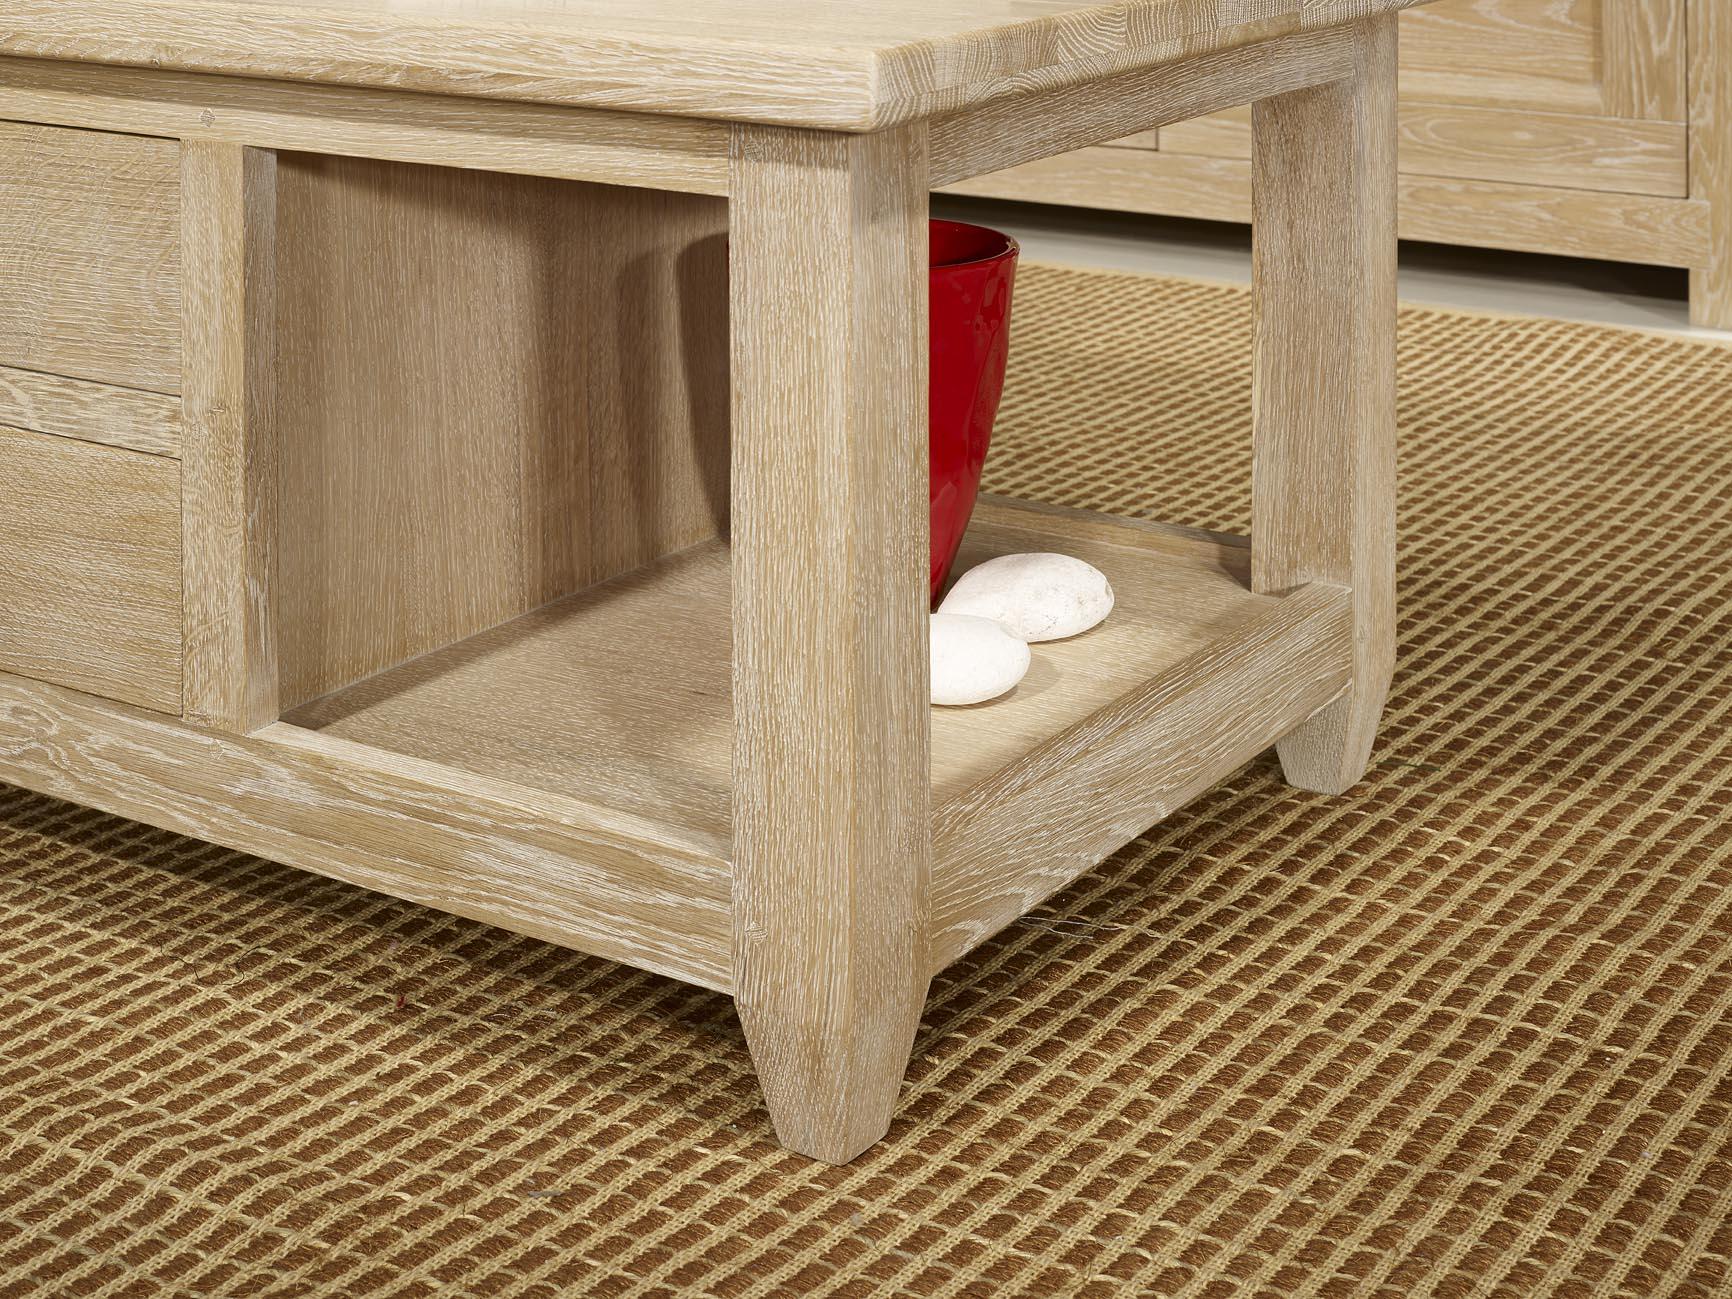 table basse en ch ne massif de style campagnard finition. Black Bedroom Furniture Sets. Home Design Ideas